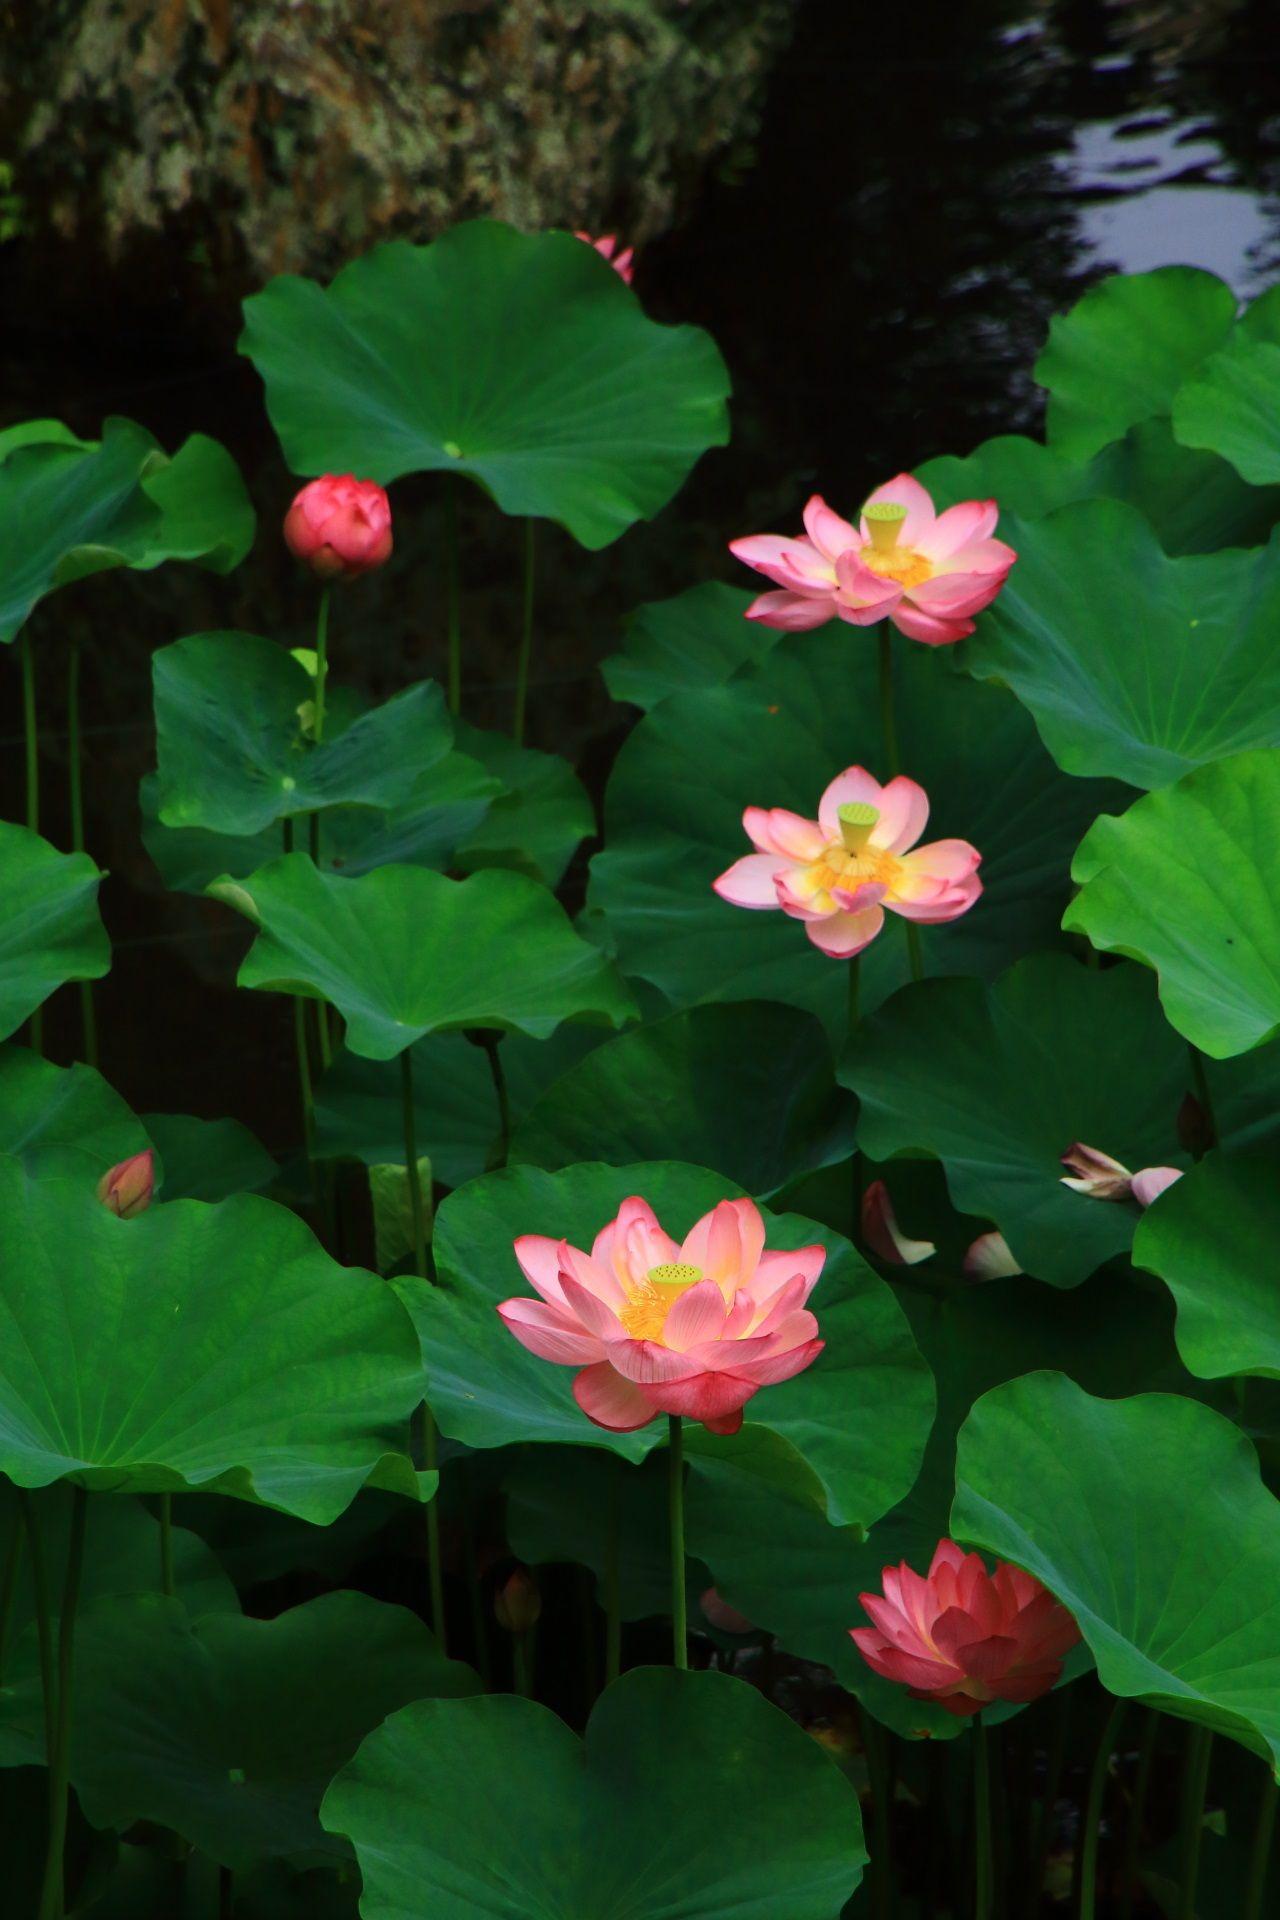 夢の中のような気分になる蓮の花 蓮の花 スイレン 美しい花